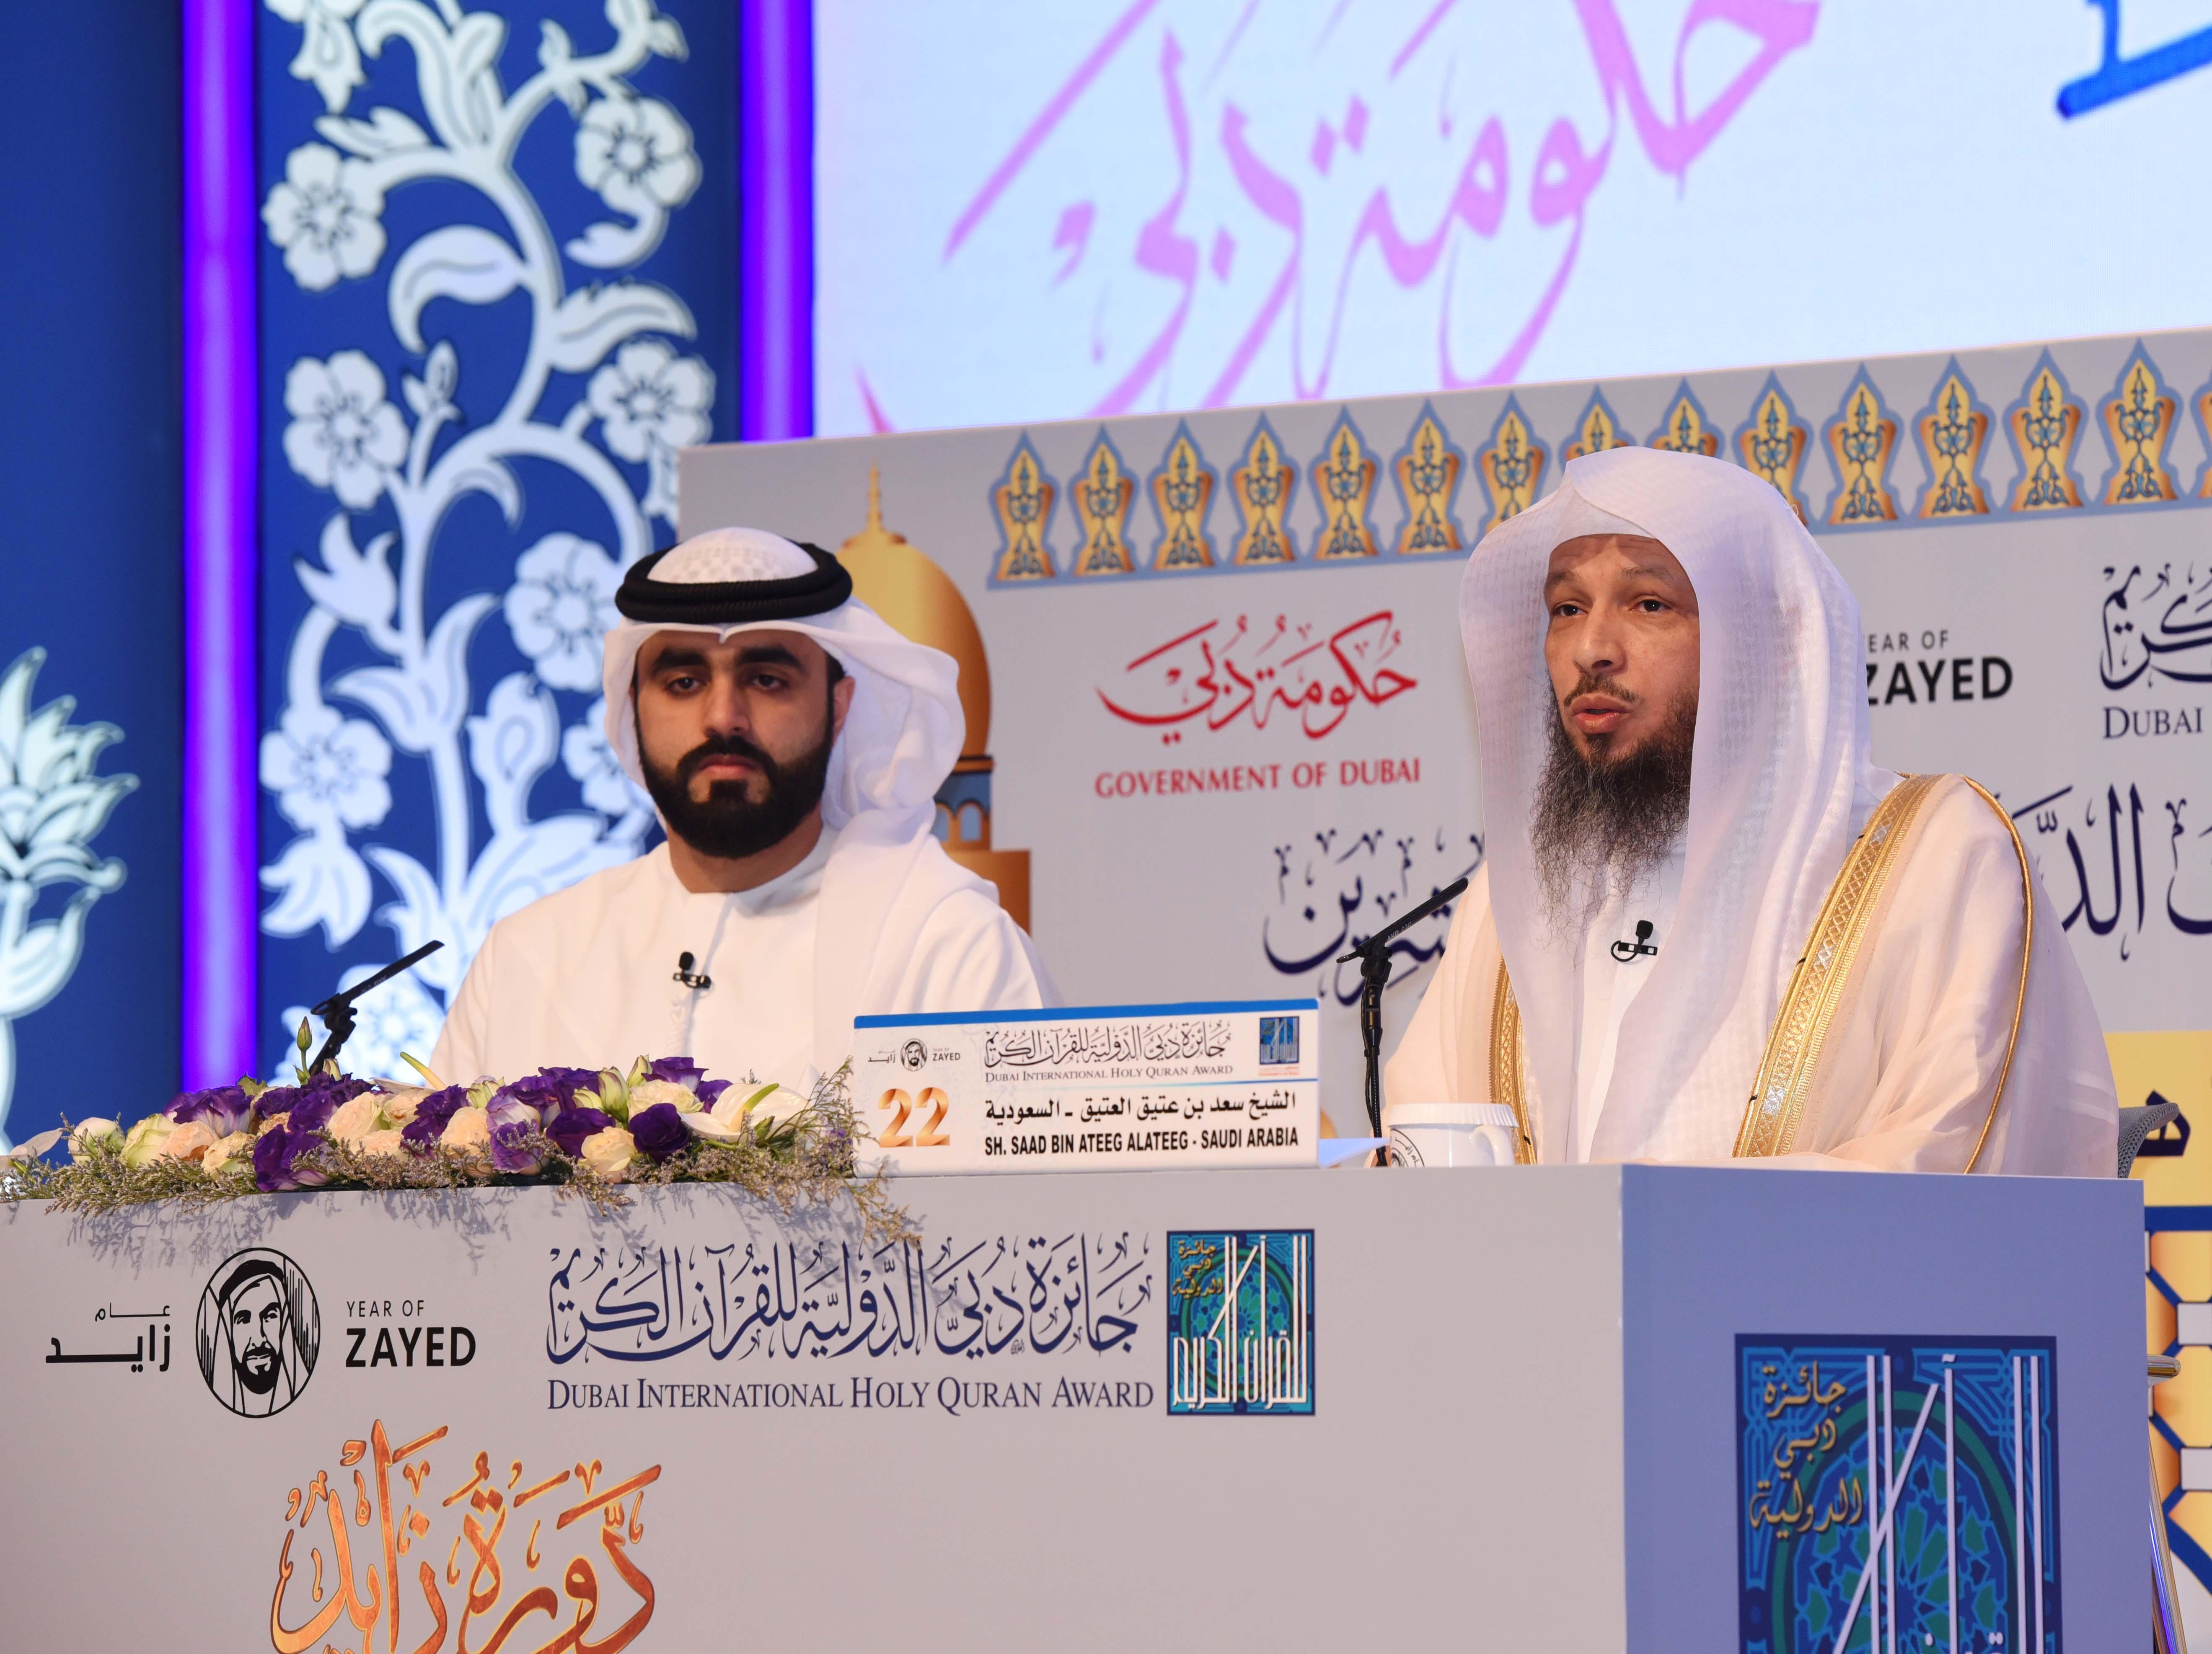 الشيخ سعد بن عتيق : جائزة دبي للقران الكريم حققت نجاحا باهرا